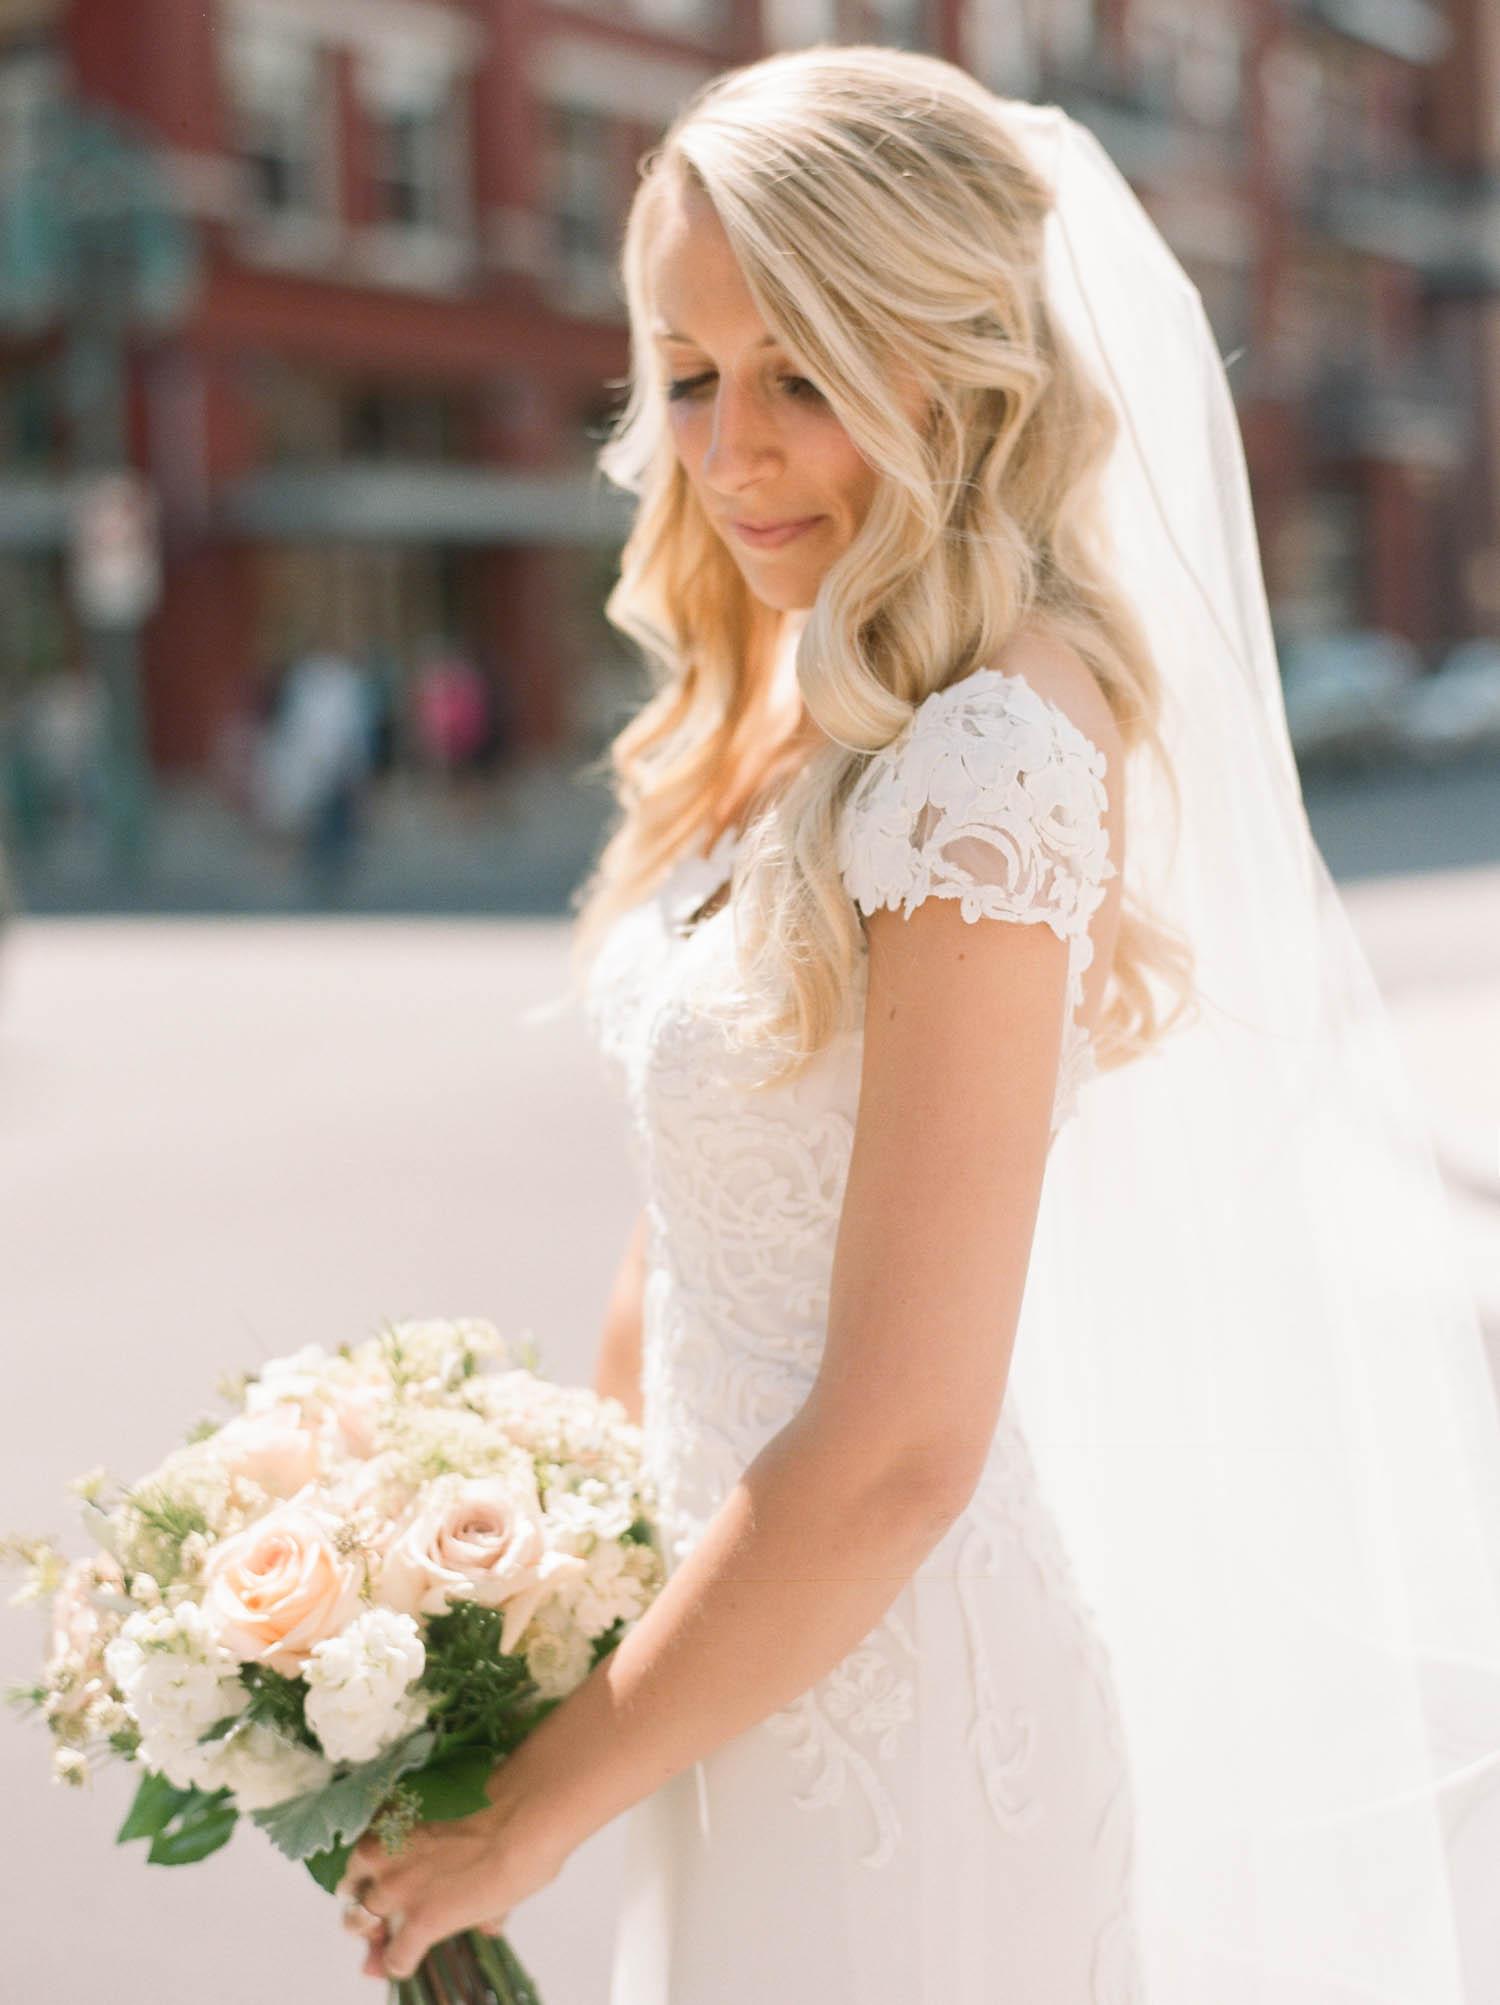 kateweinsteinphoto_kimpton_milwaukee_the_atrium_wedding-141.jpg